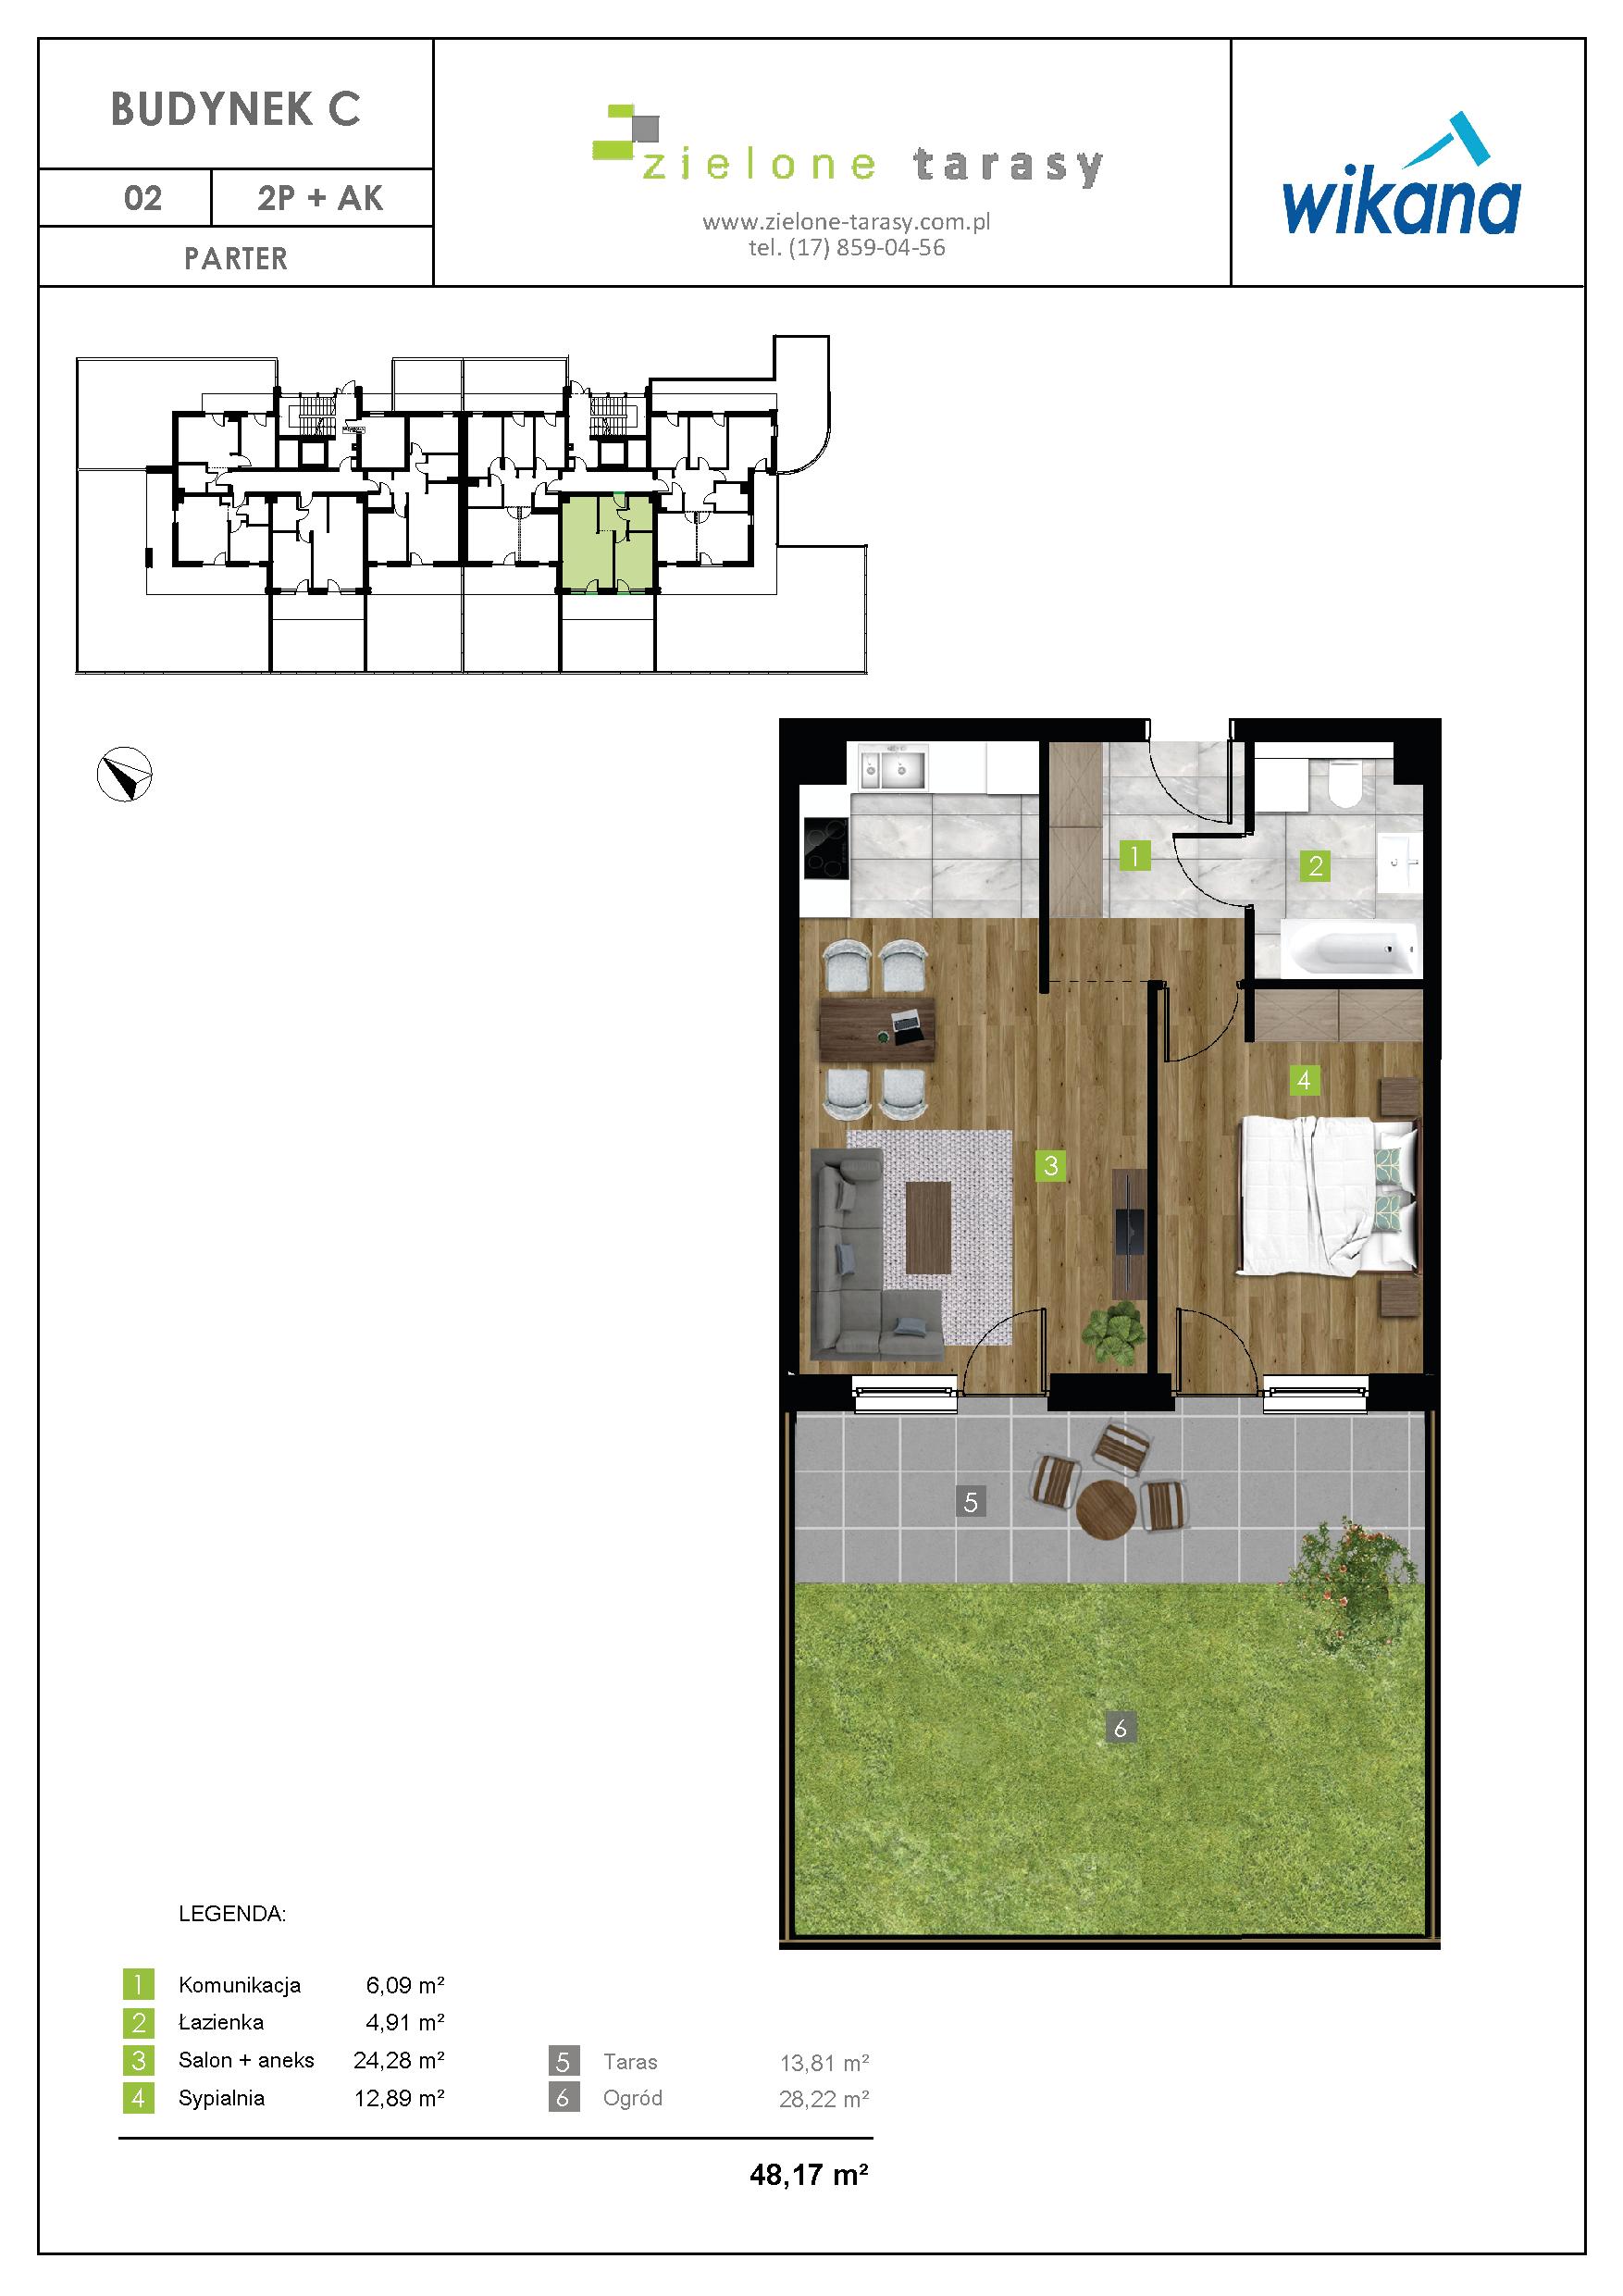 sprzedaż mieszkań rzeszów - C-02